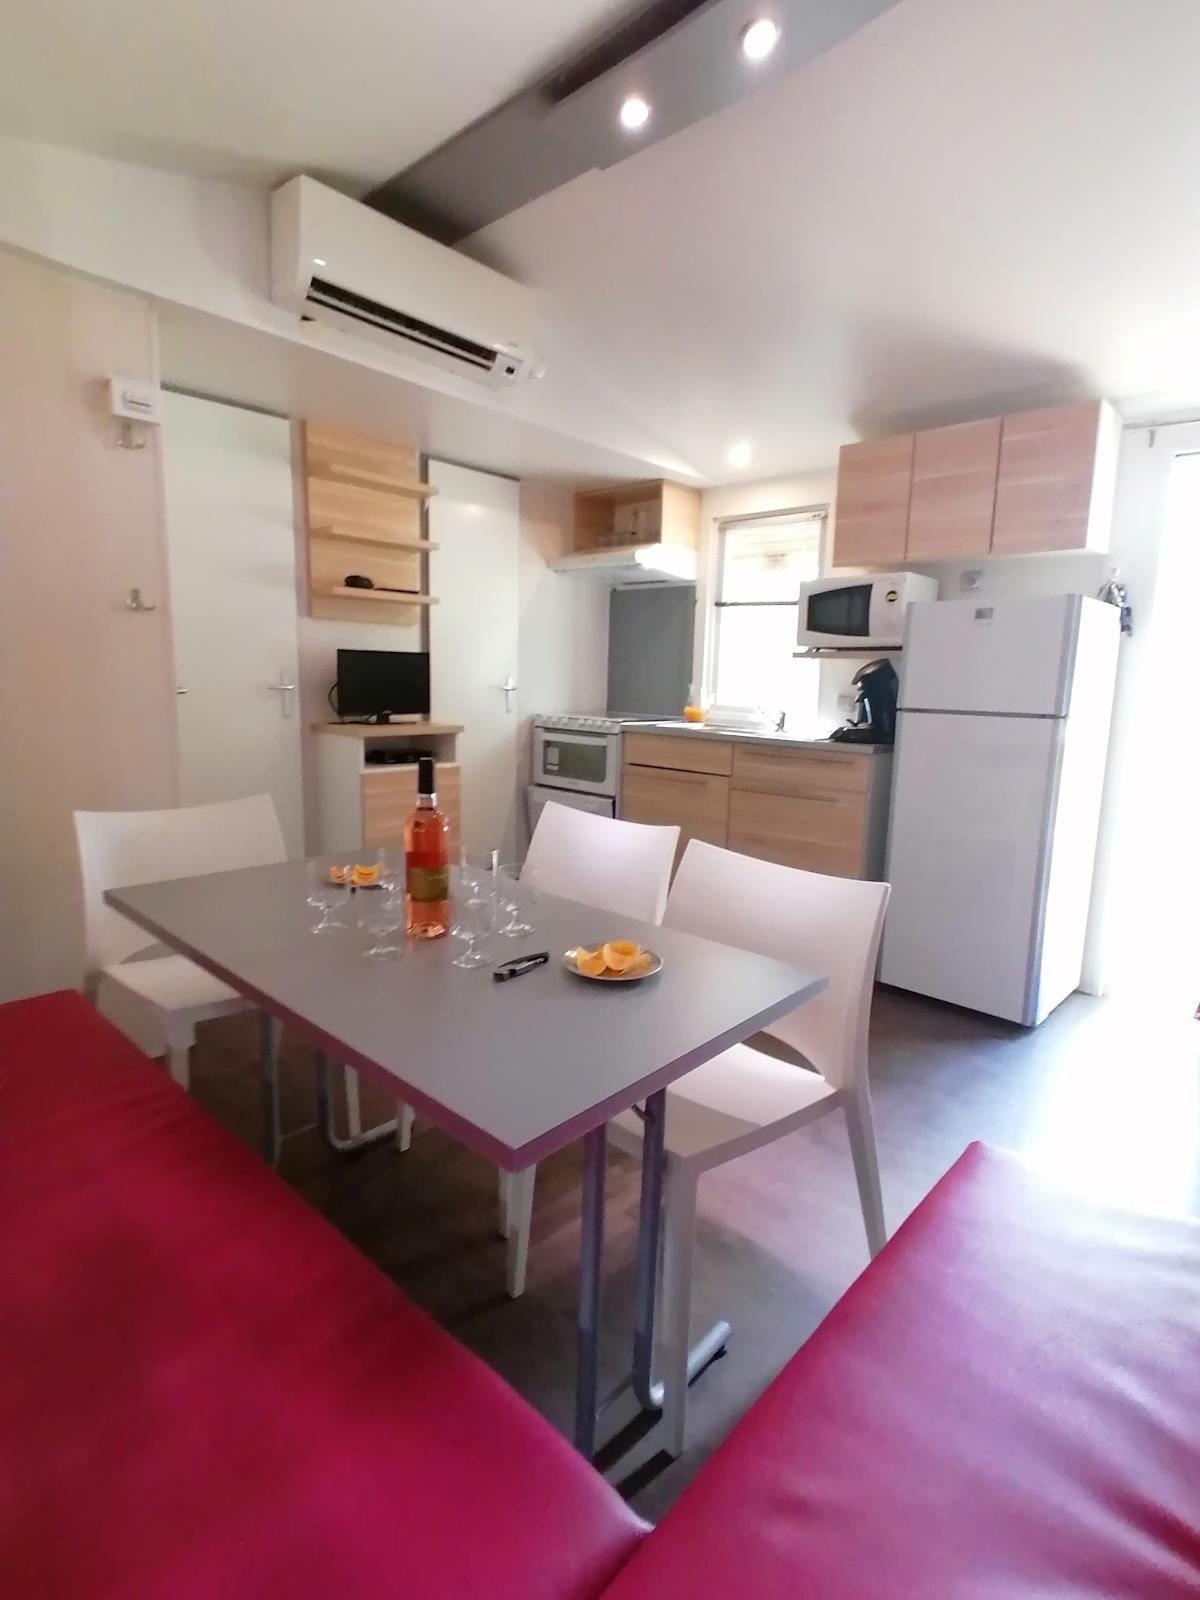 Location - Mobil-Home Héritage Premium - 3 Chambres - Camping Du Domaine de Massereau